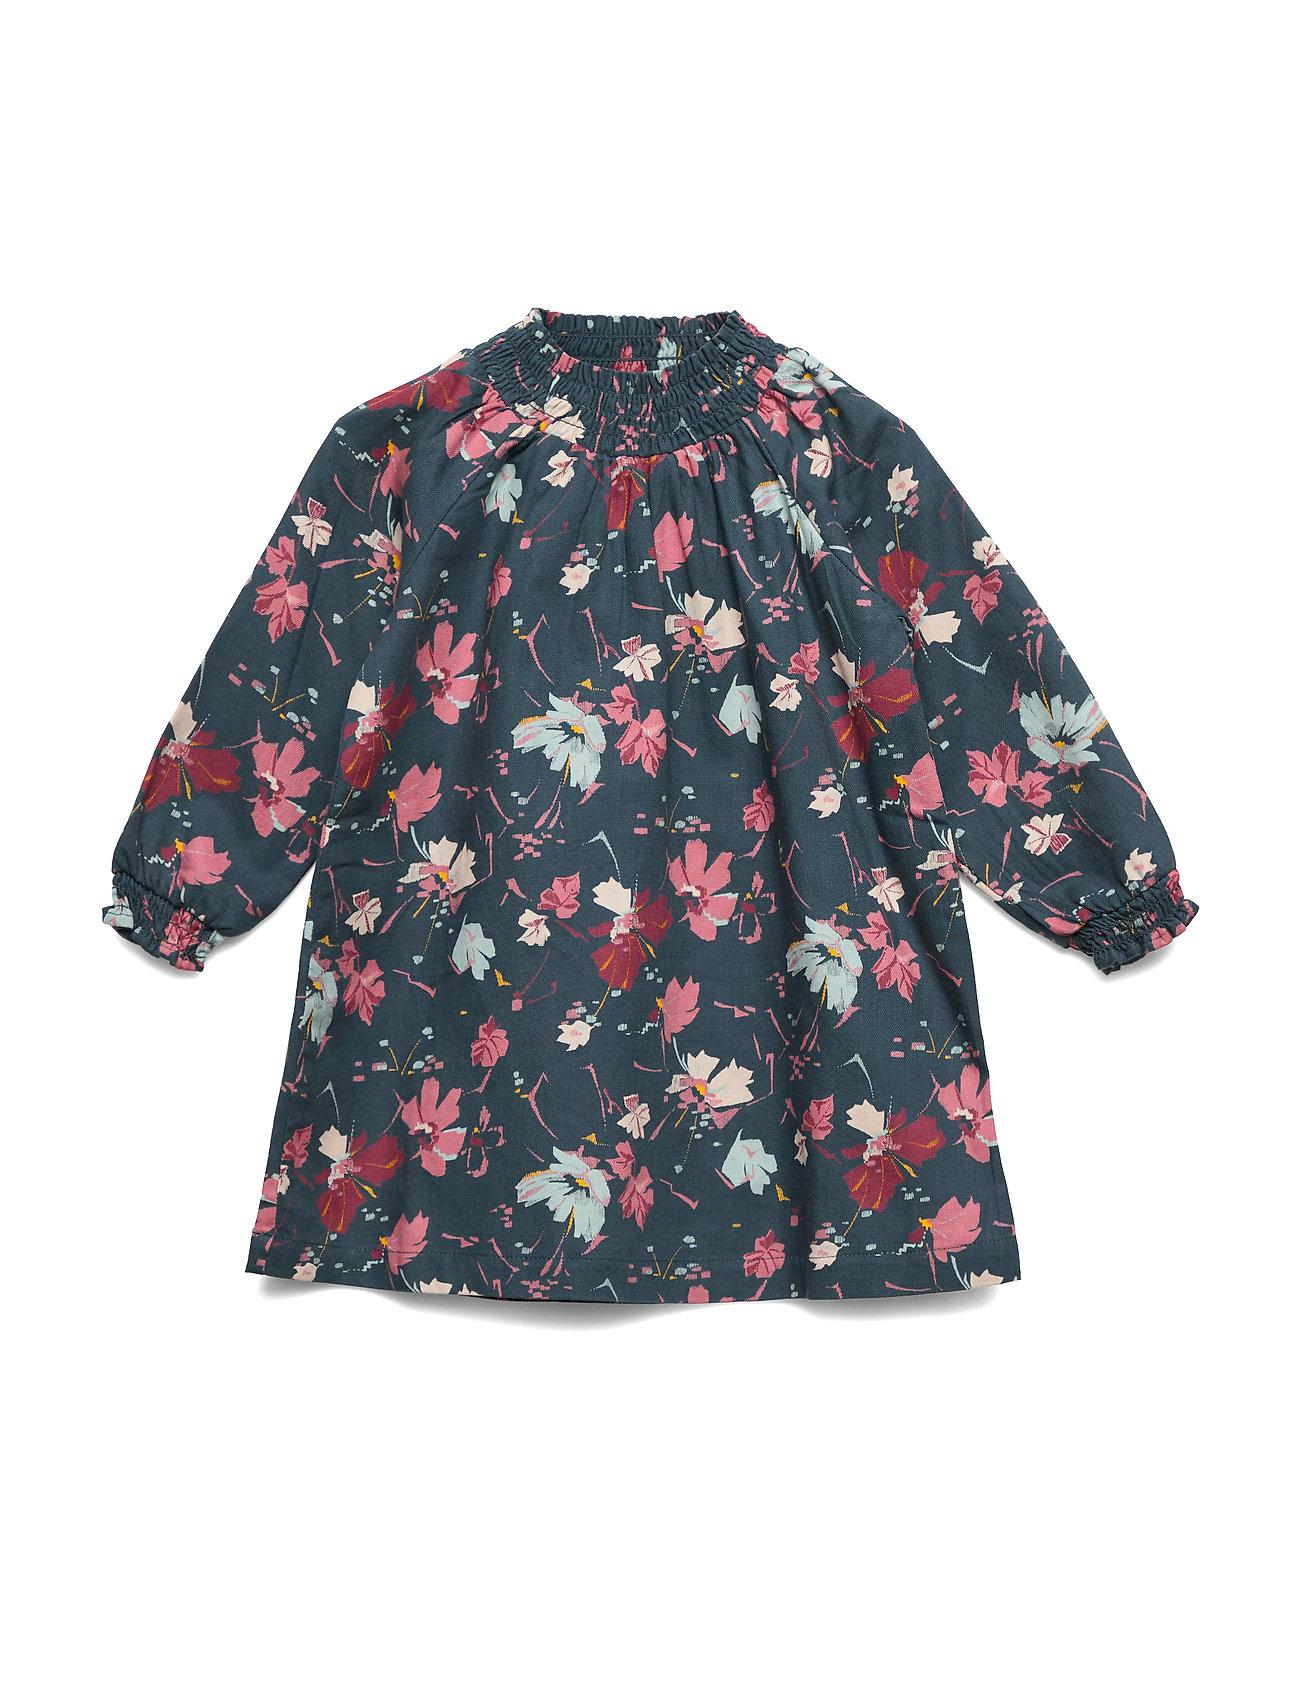 Noa Noa Miniature Dress long sleeve - STARGAZER